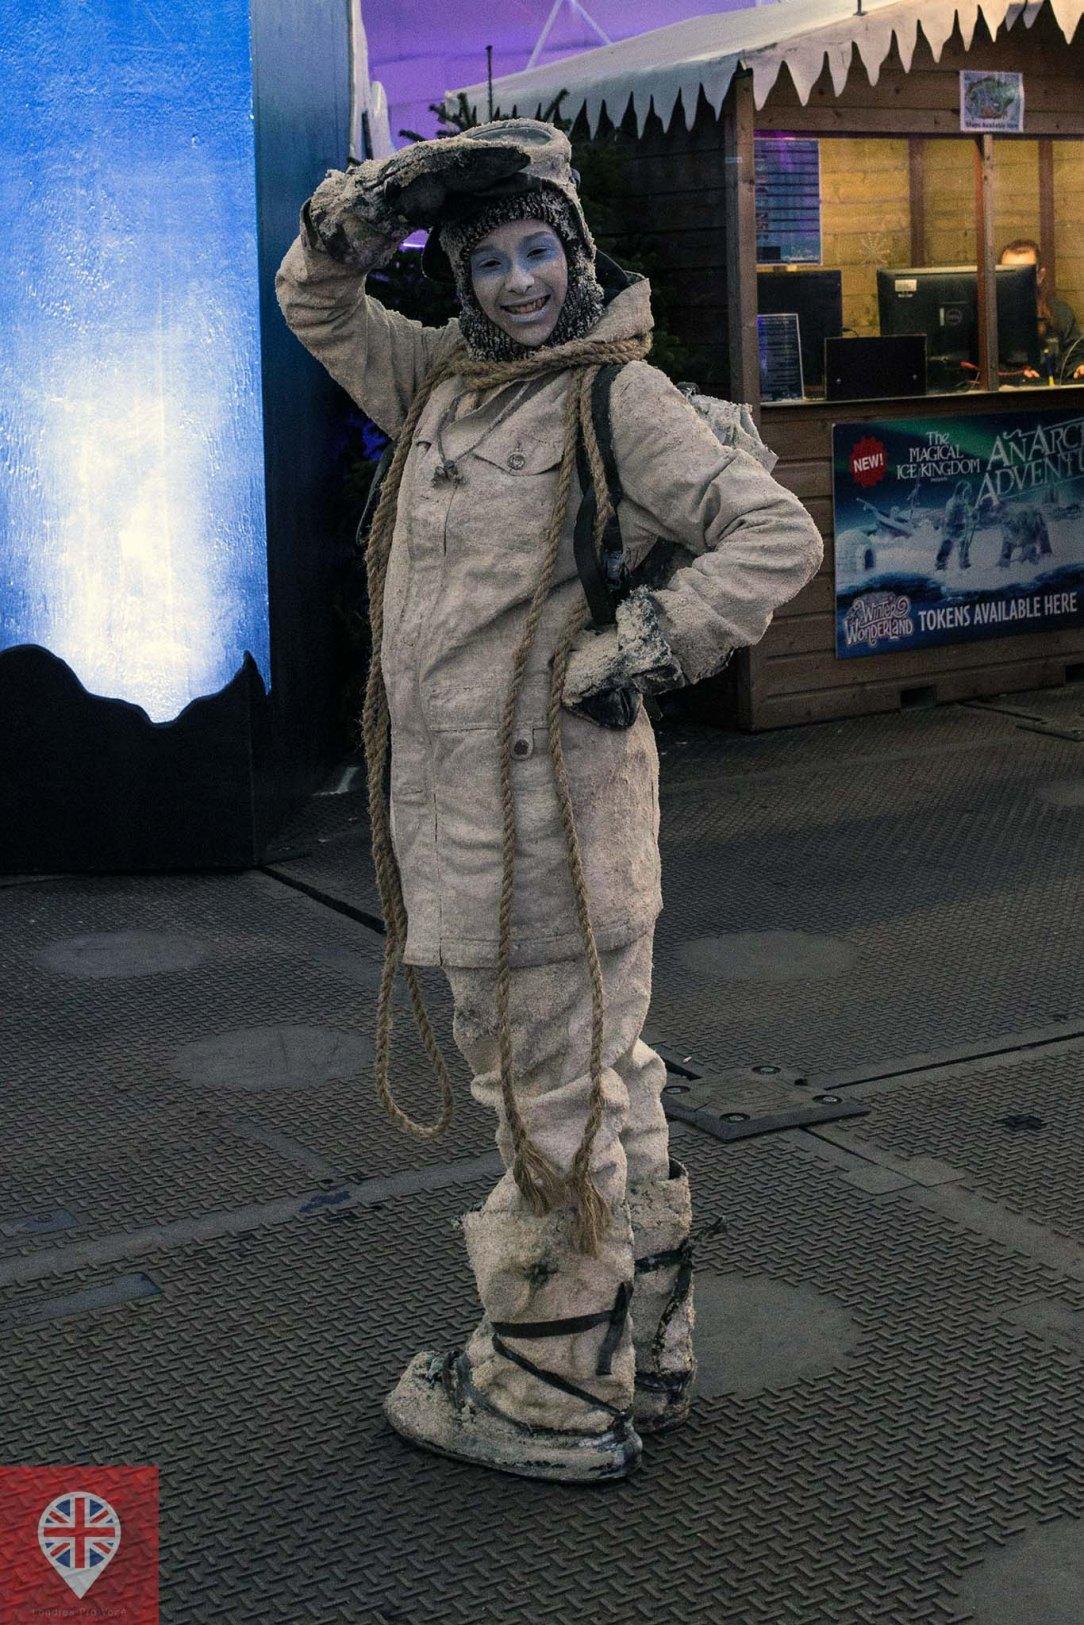 winter-wonderland-explorador-de-gelo